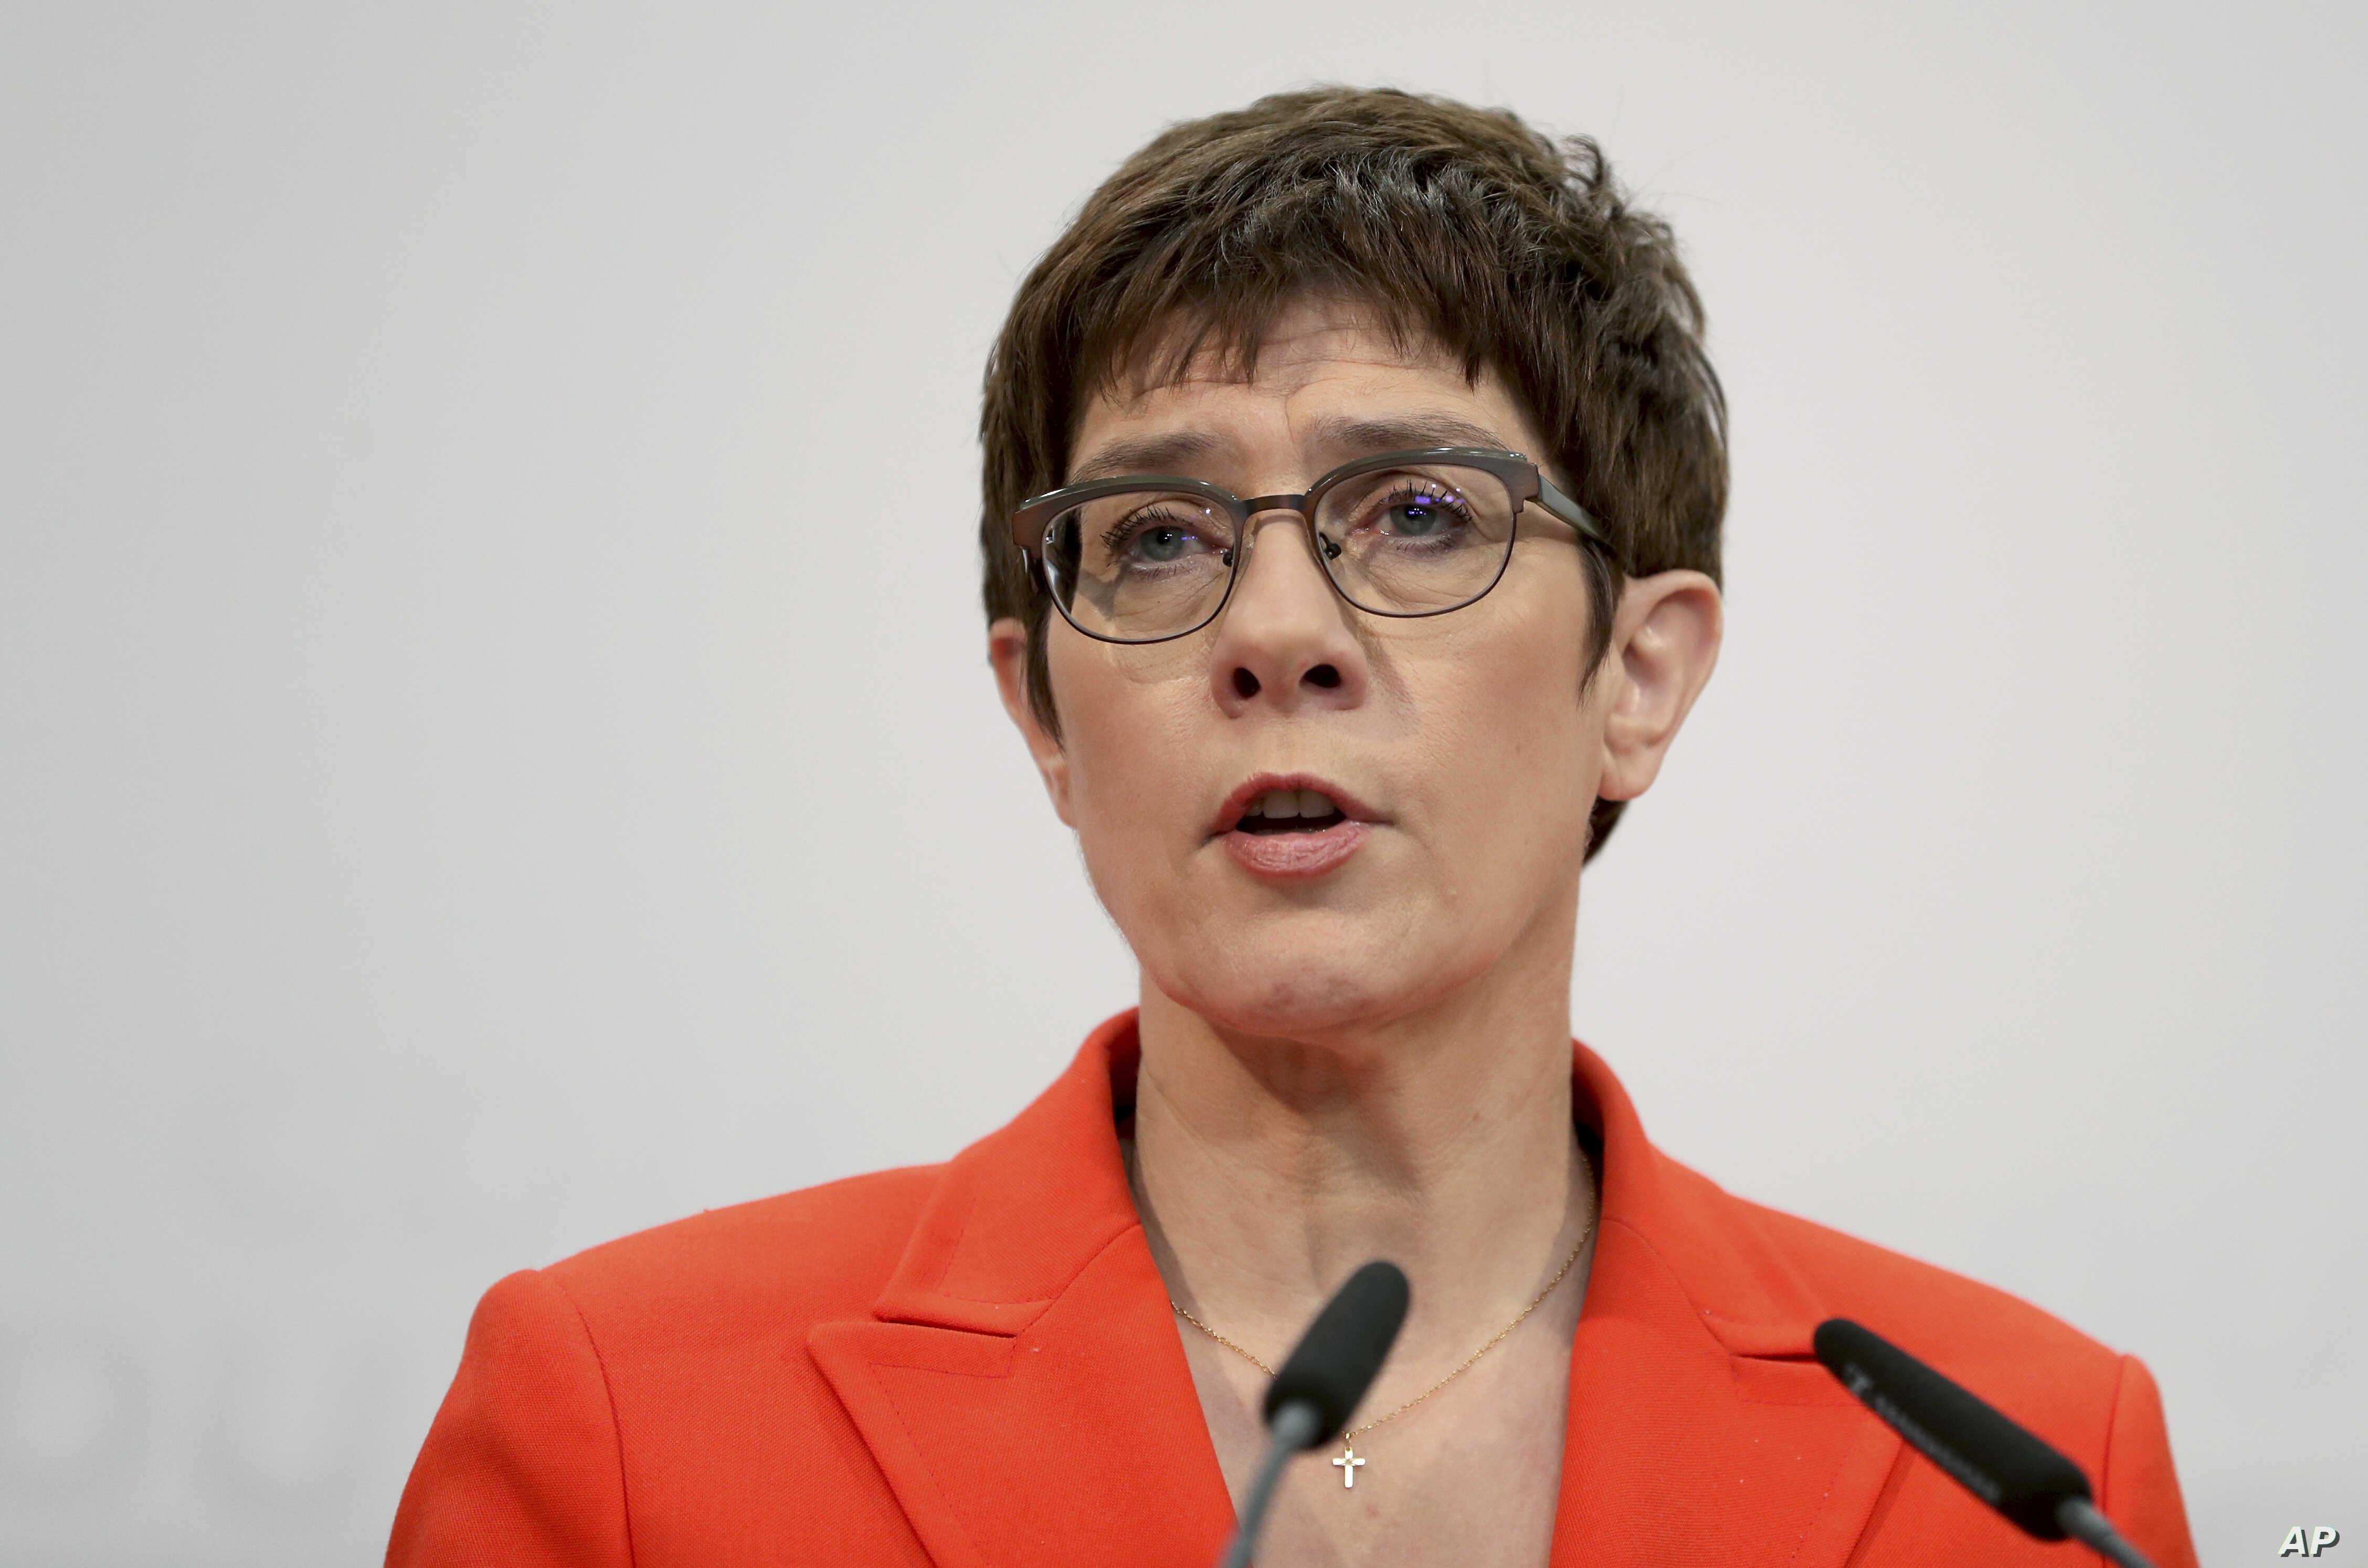 ألمانيا تتبنى قانونًا لطرد أفراد الجيش المتورطين بالتطرف والجرائم الخطرة